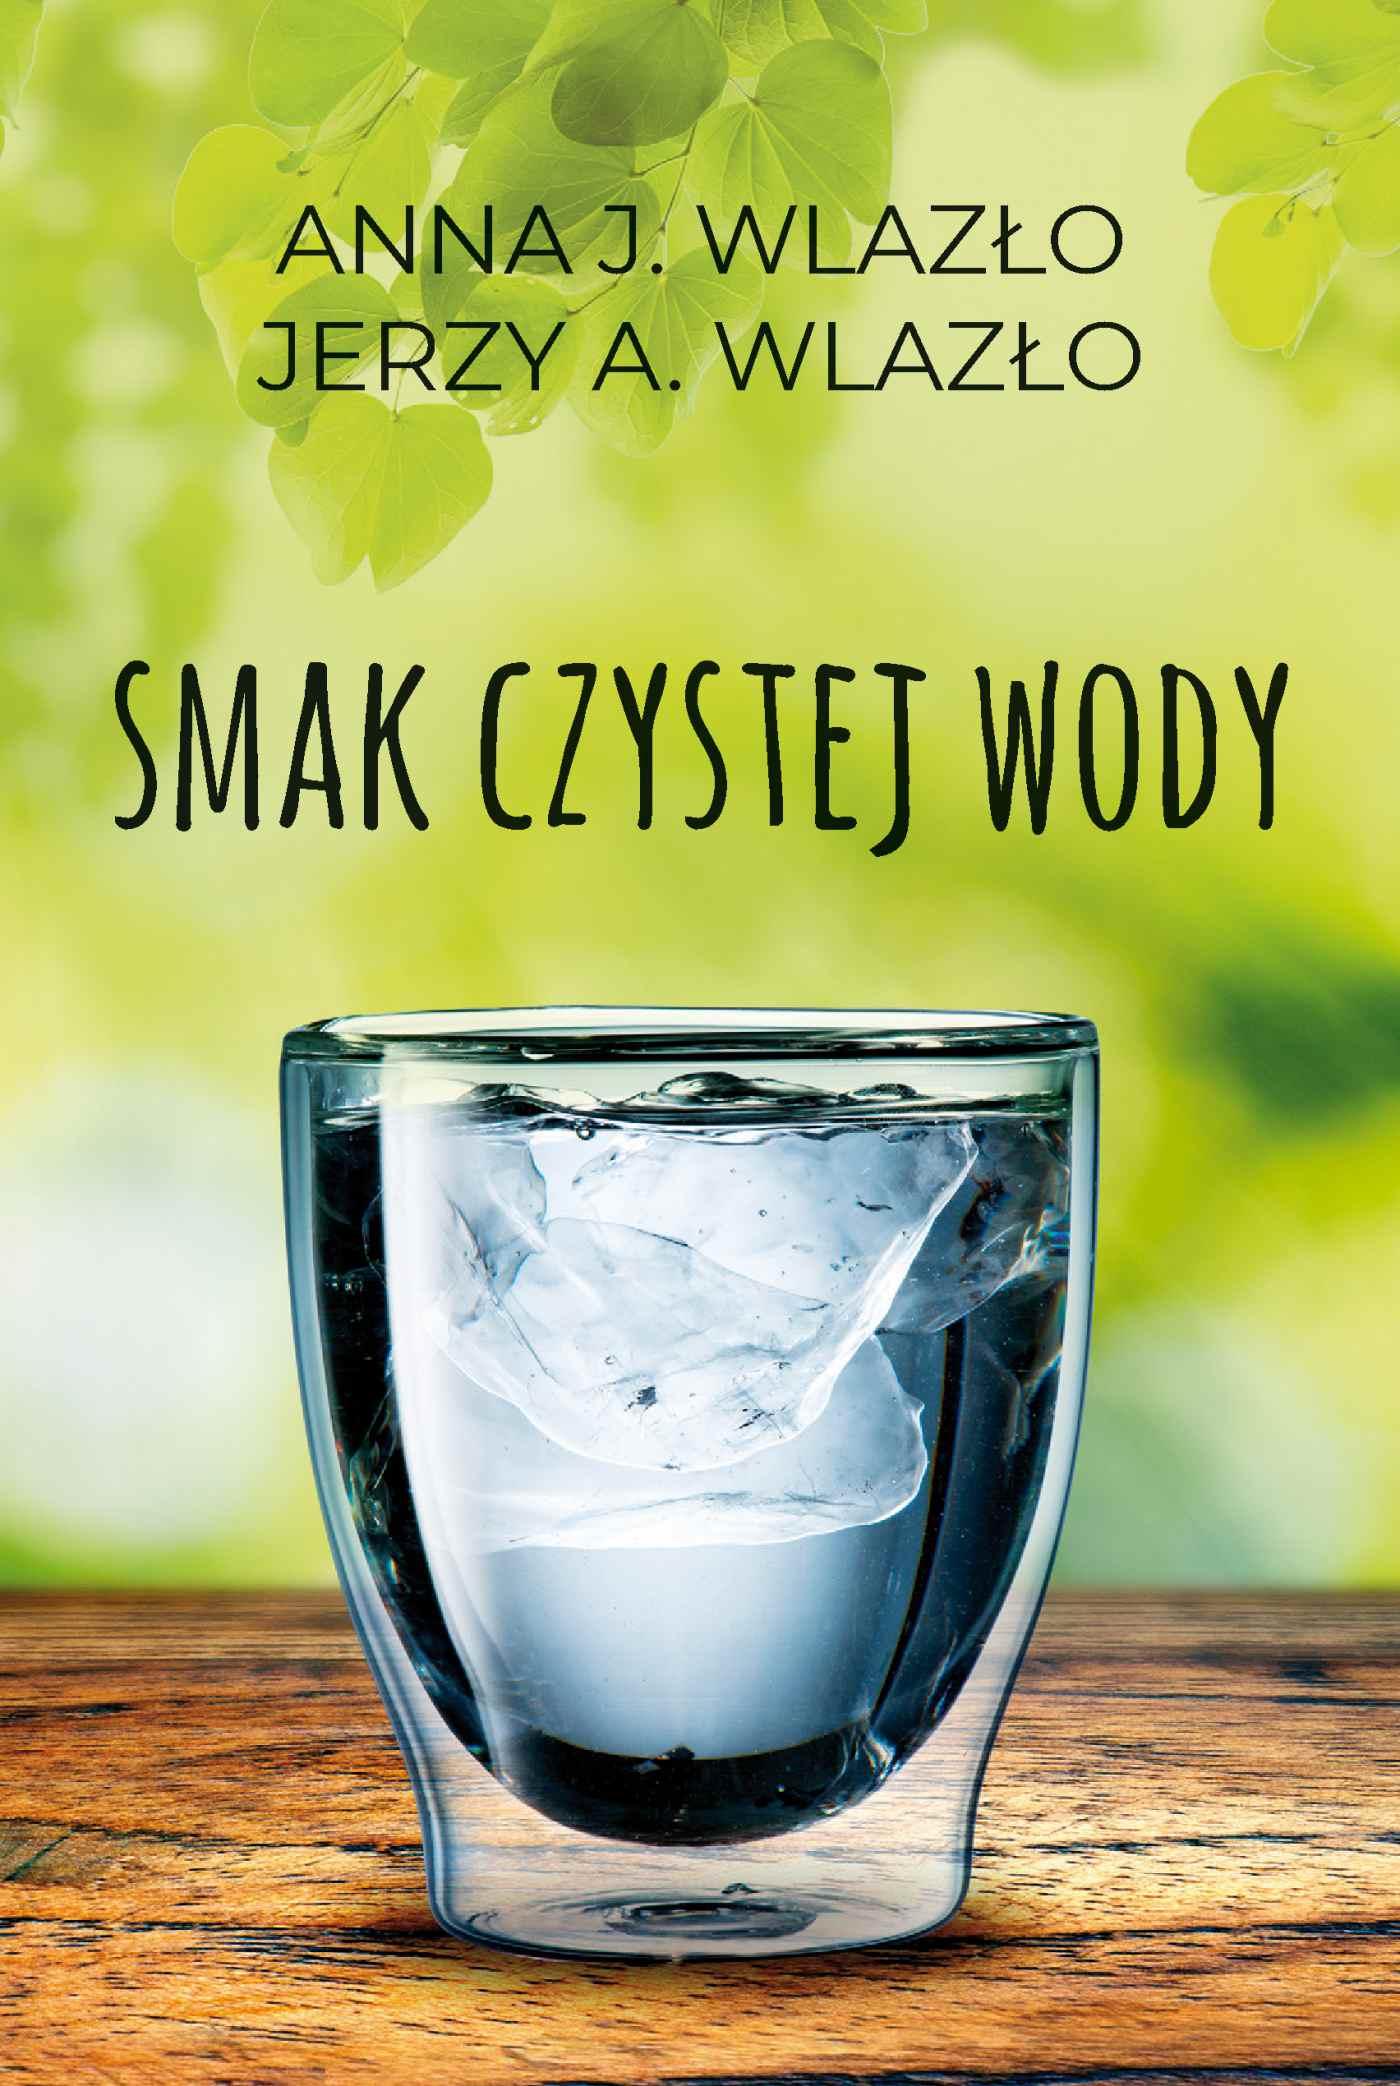 Smak czystej wody - Ebook (Książka EPUB) do pobrania w formacie EPUB